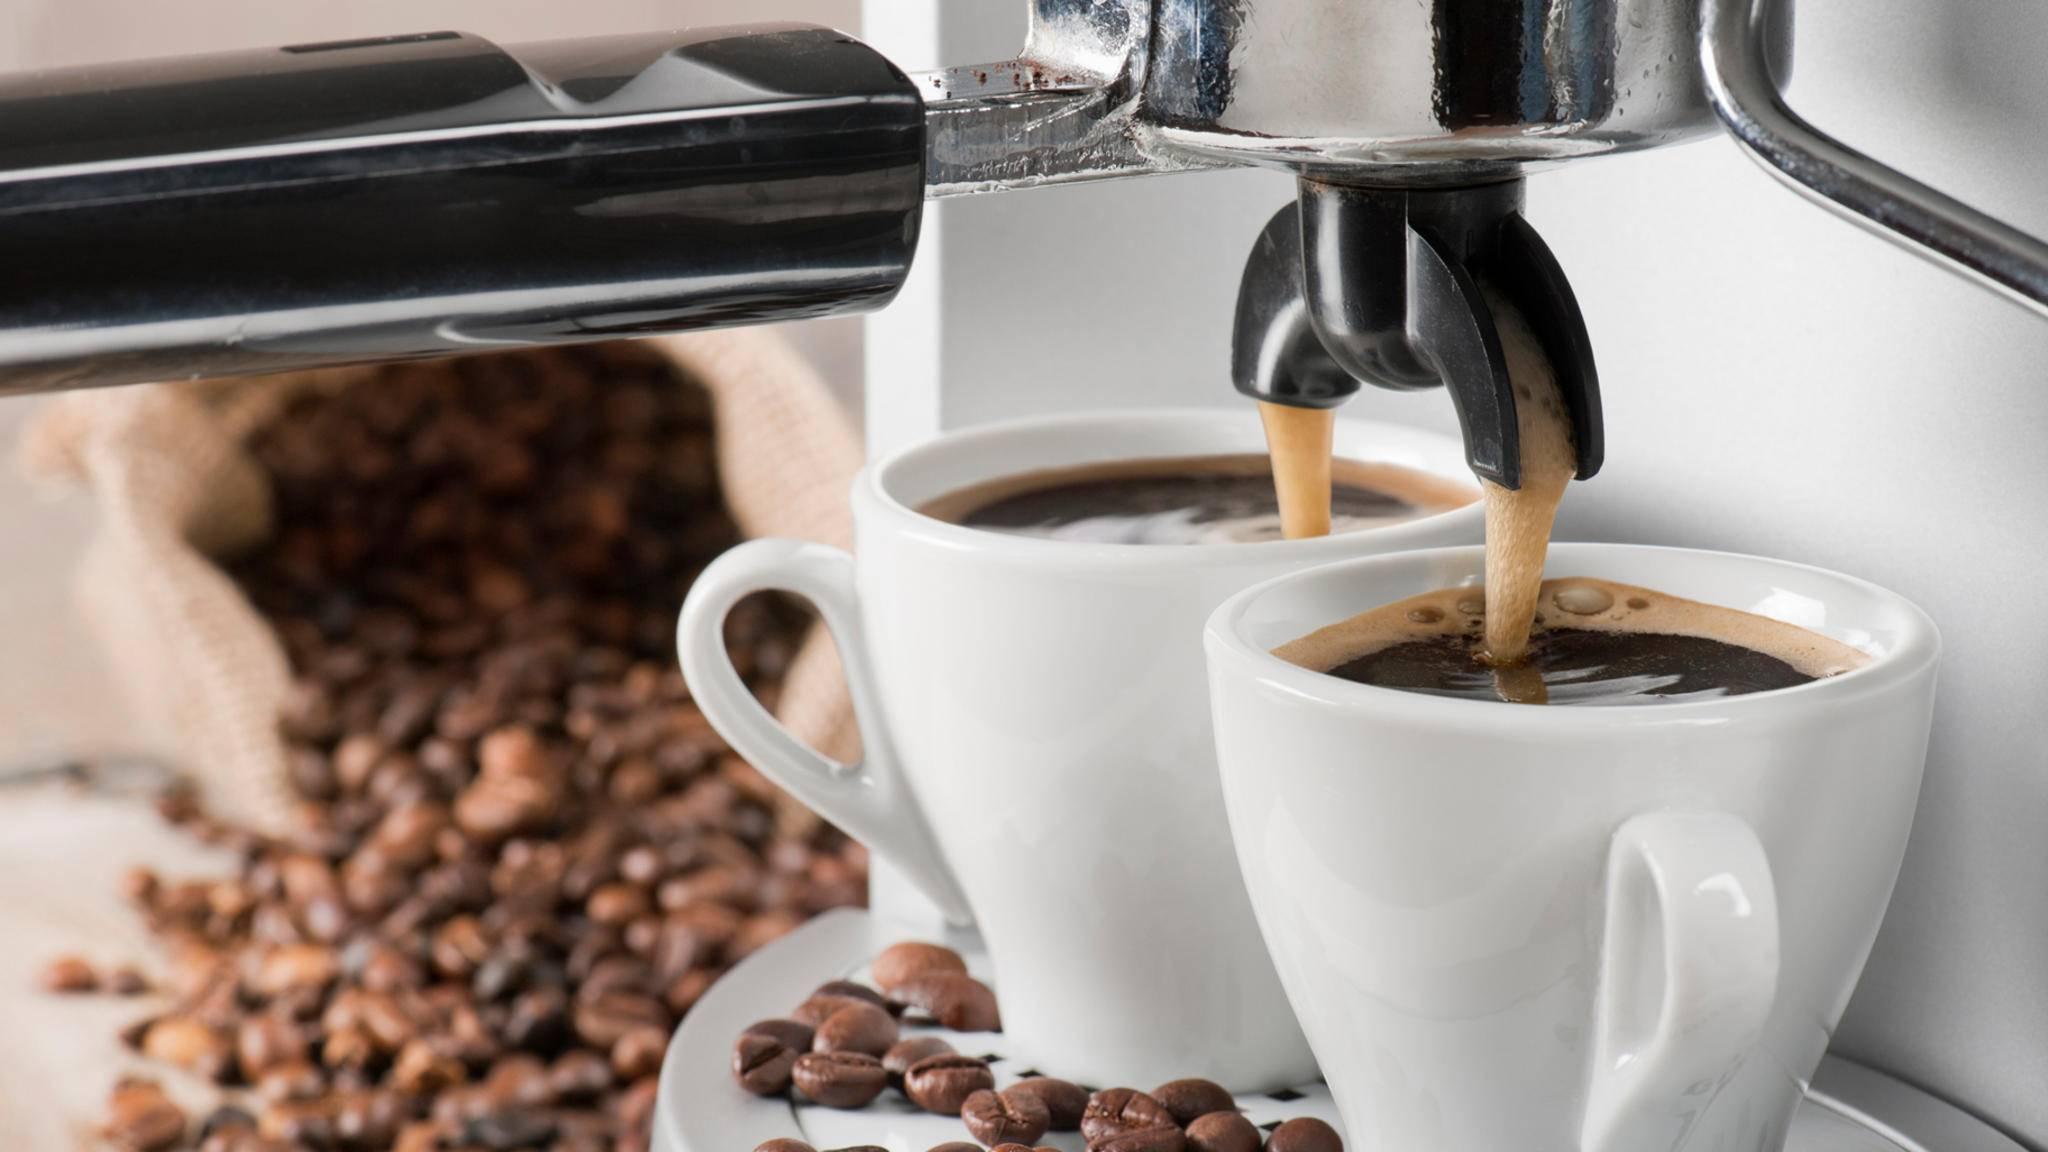 Kaffeeautomaten brühen auf Knopfdruck verschiedenste Kaffeekreationen.